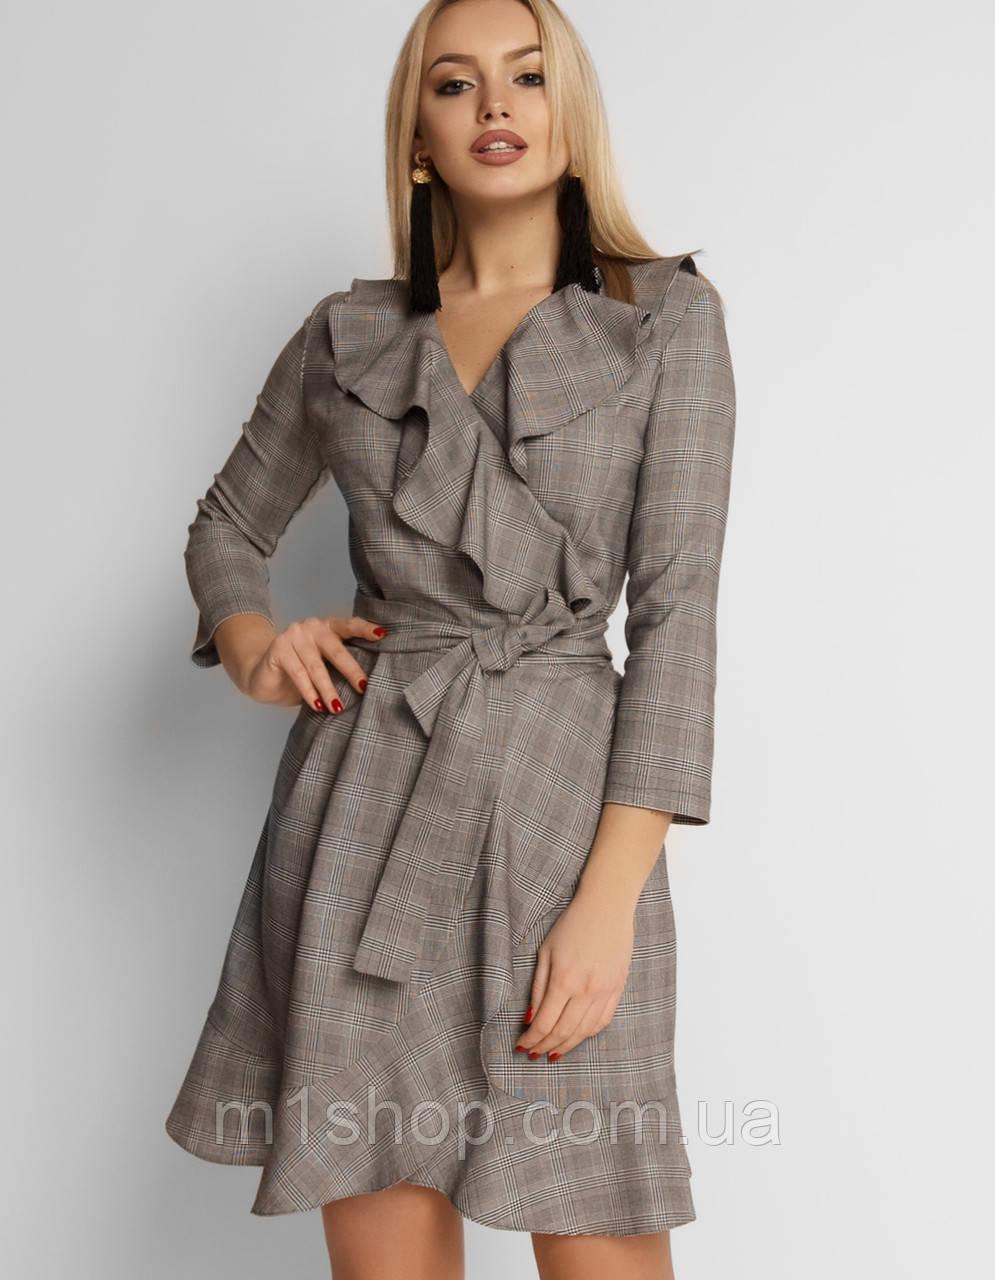 Женское клечатое платье с воланом (Лейлаjd)